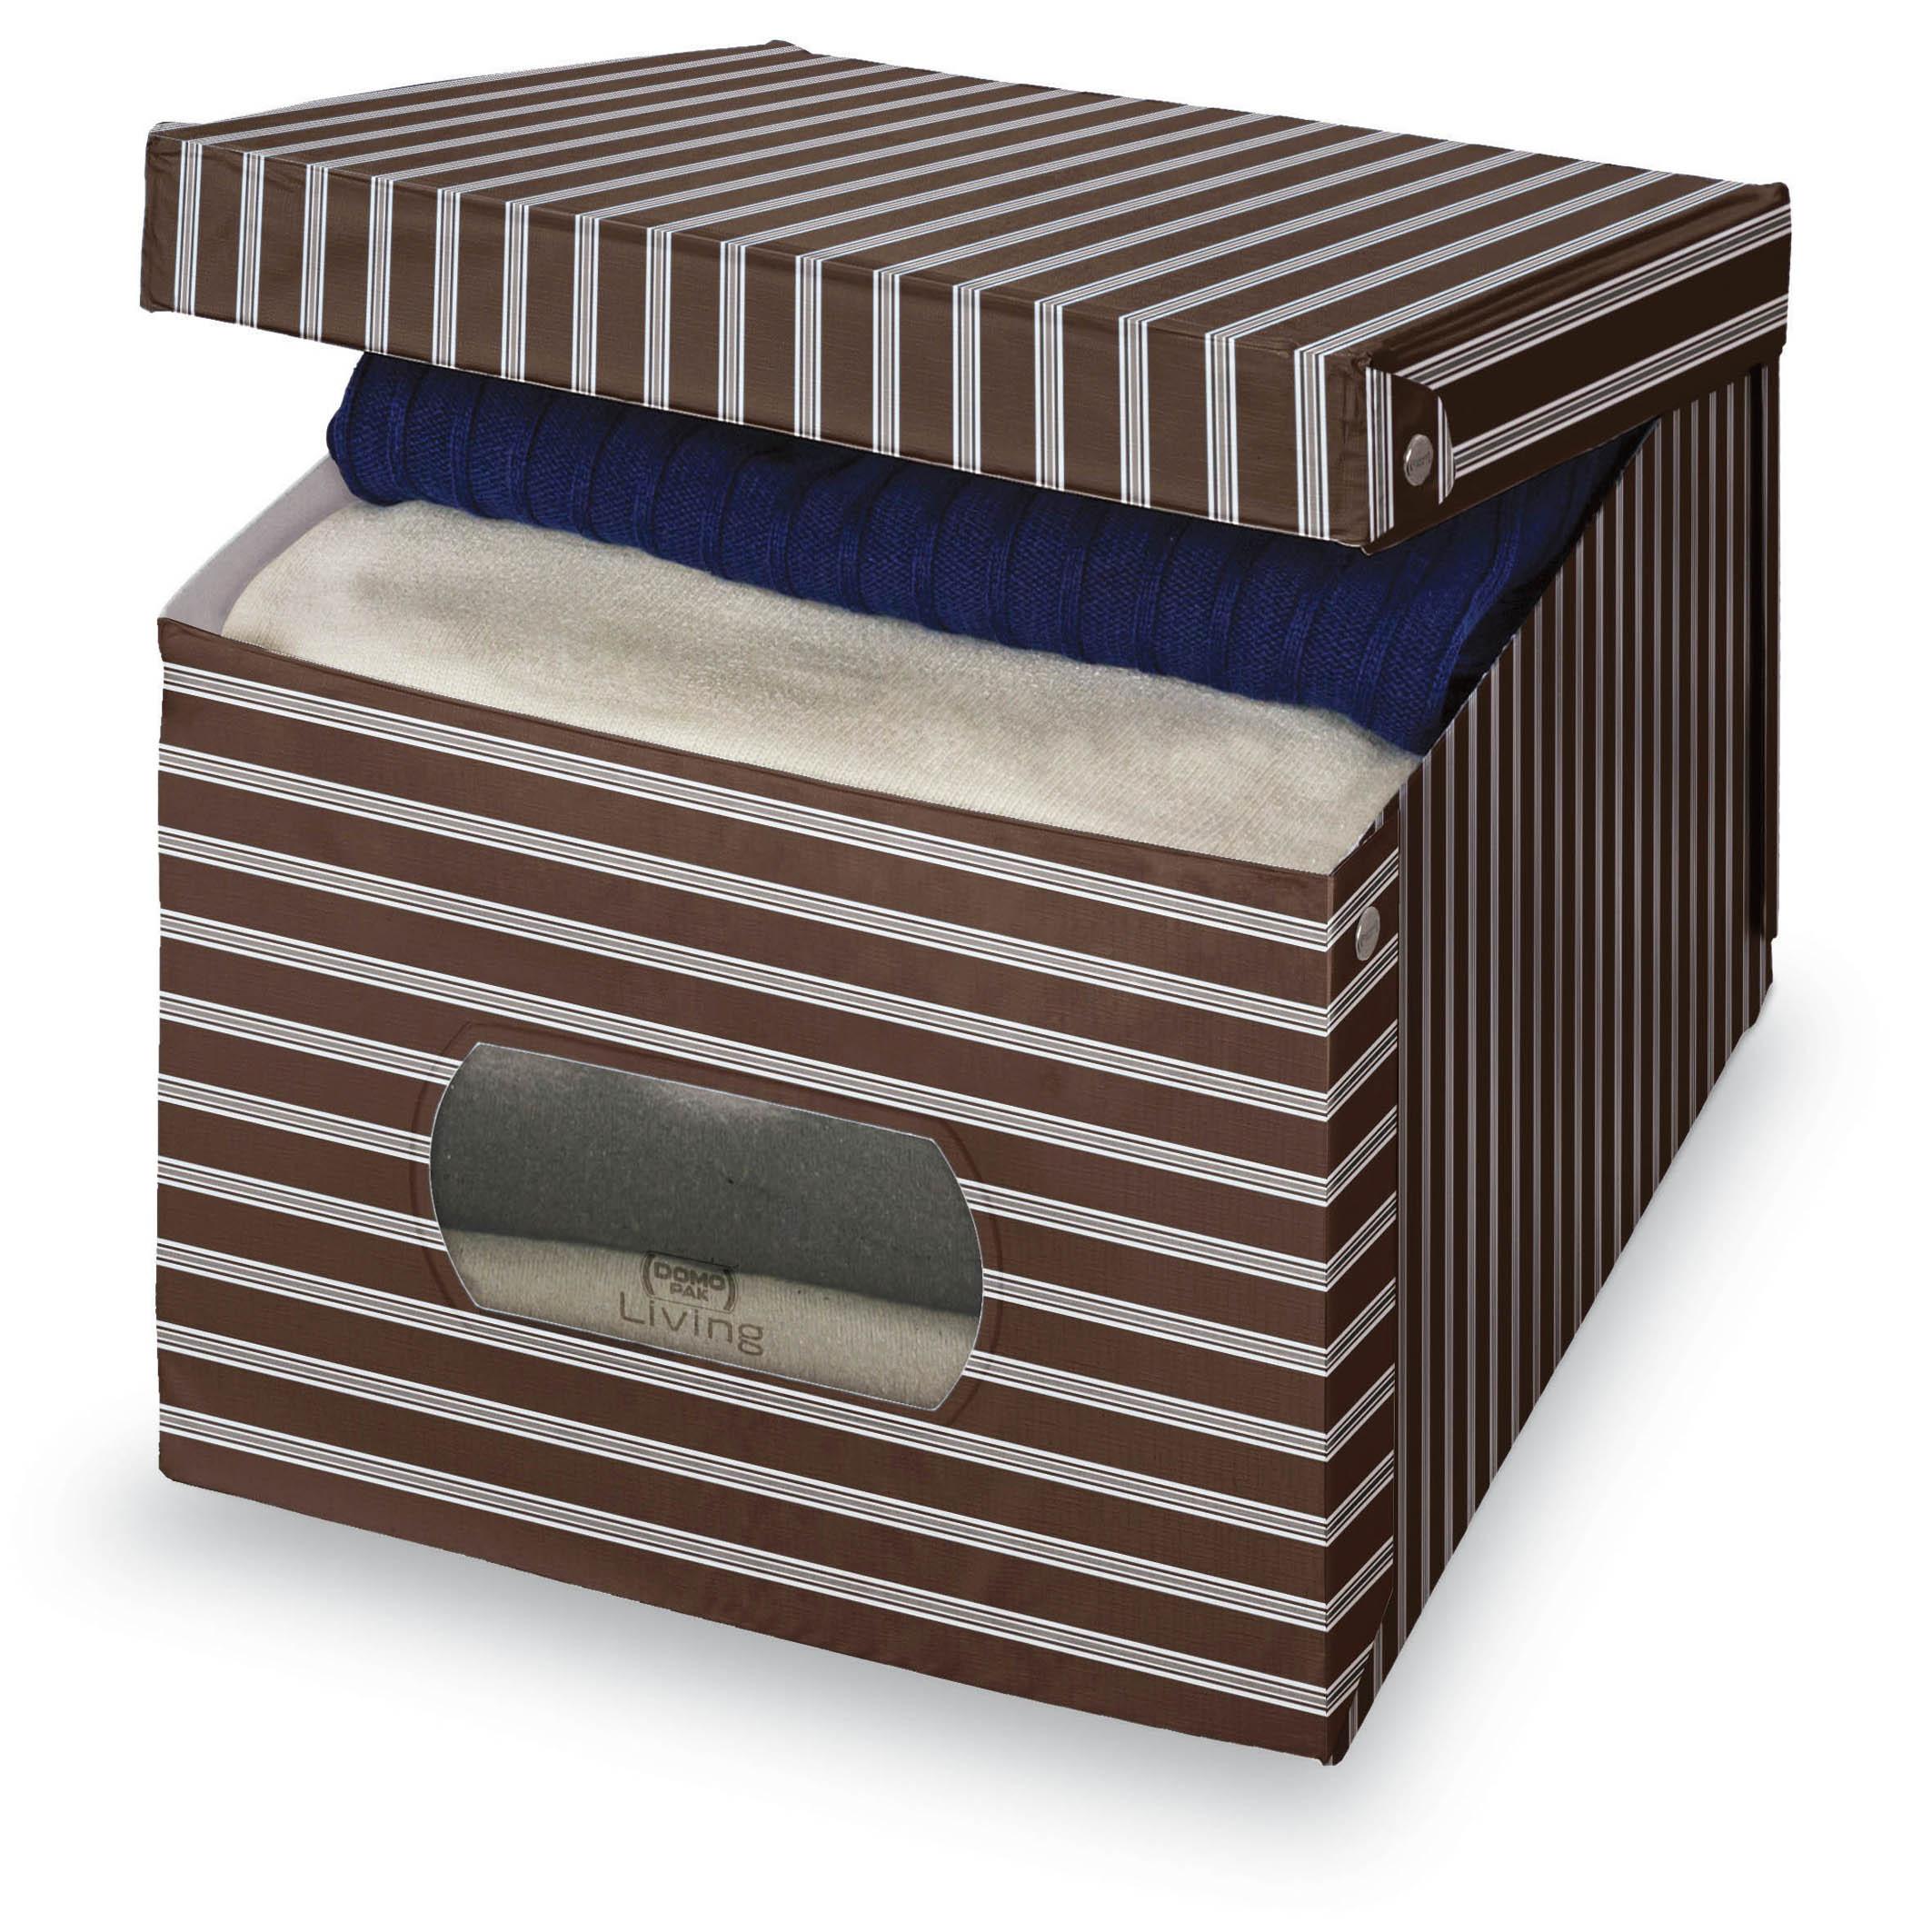 DOMOPAK Living Úložný box s oknem s proužky Velikost: menší